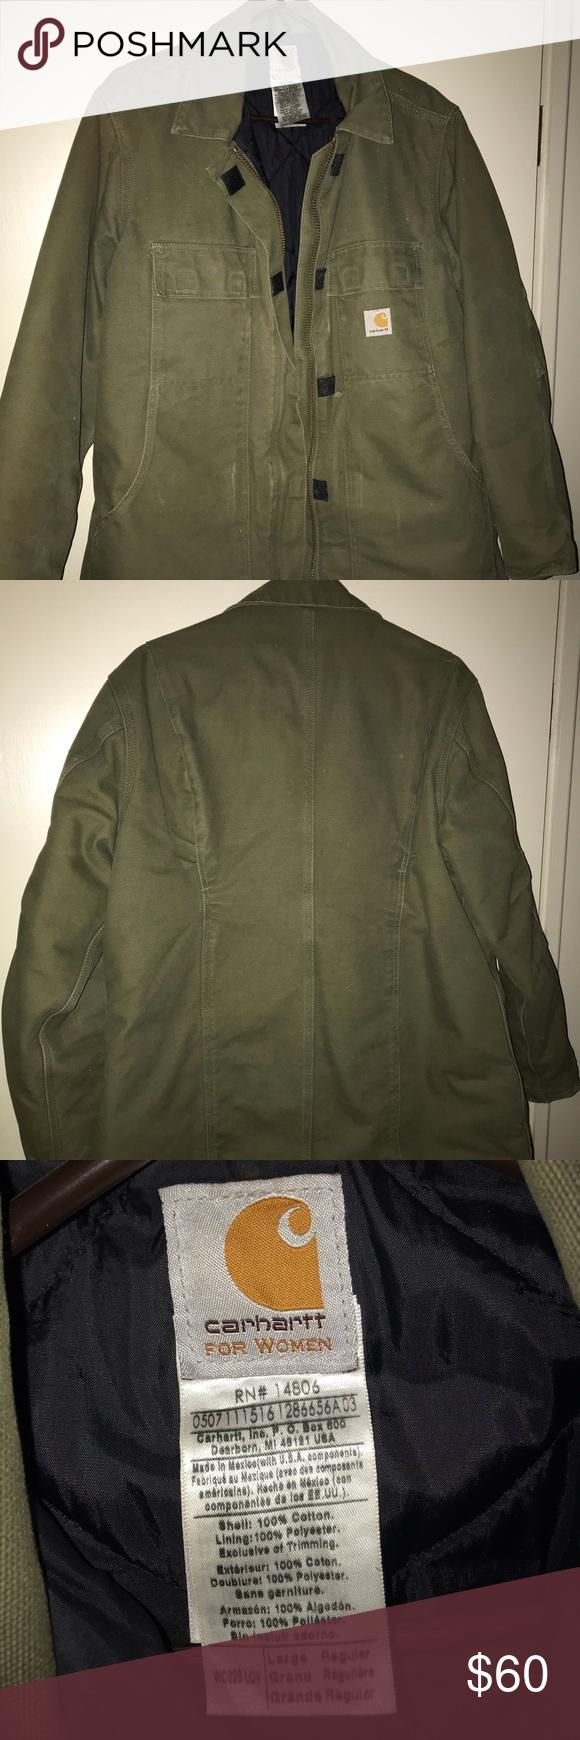 Carhartt Jacket Carhartt Jacket Jackets Carhartt [ 1740 x 580 Pixel ]